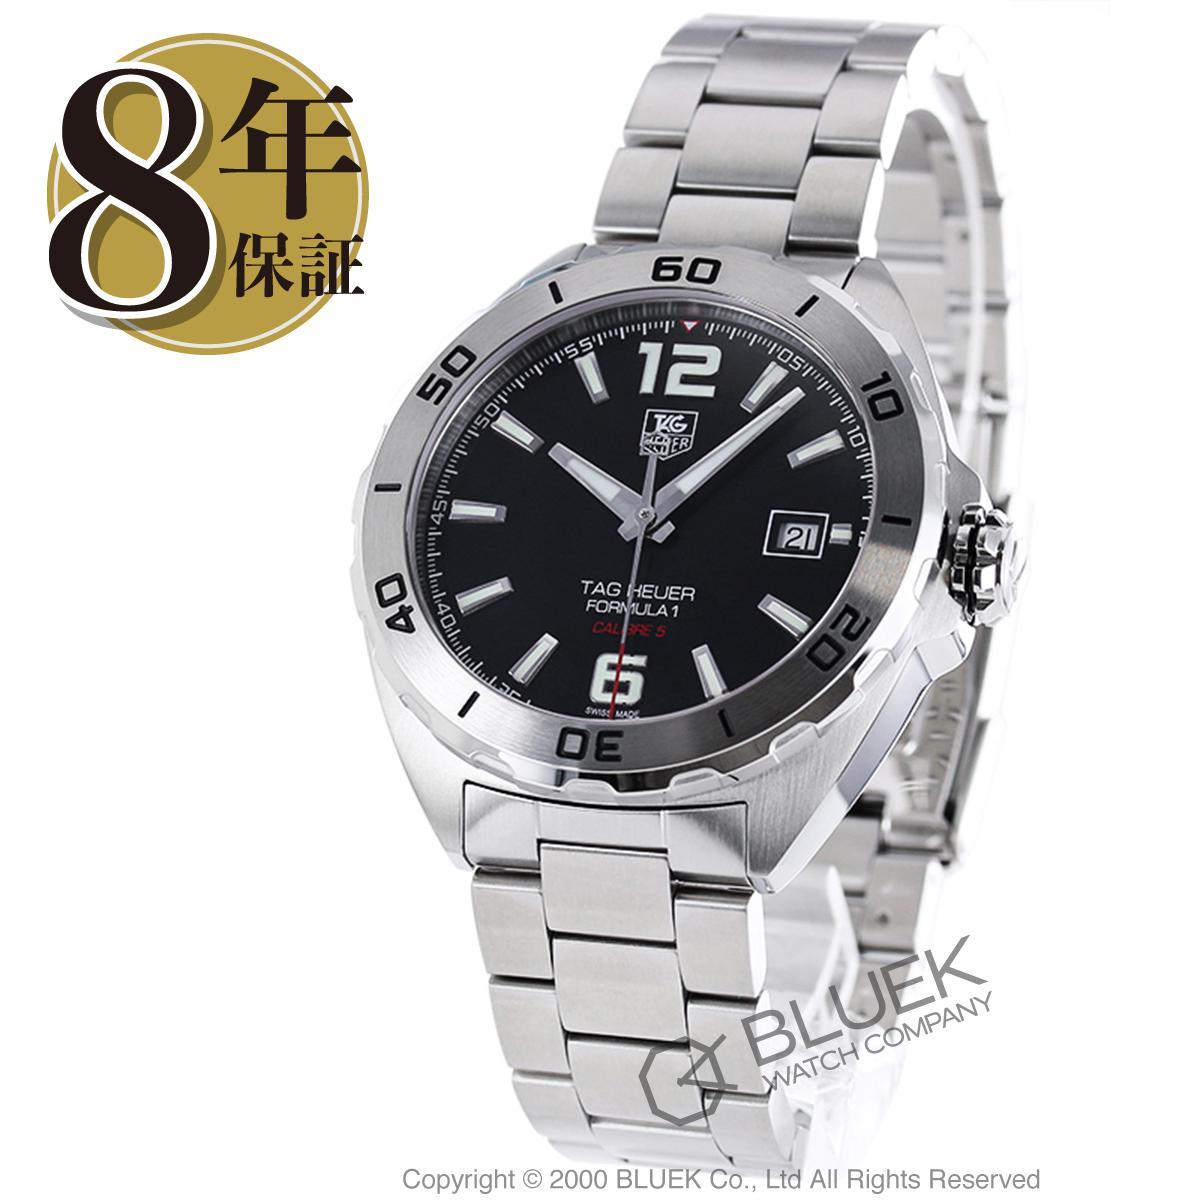 タグホイヤー フォーミュラ1 腕時計 メンズ TAG Heuer WAZ2113.BA0875_8 バーゲン ギフト プレゼント